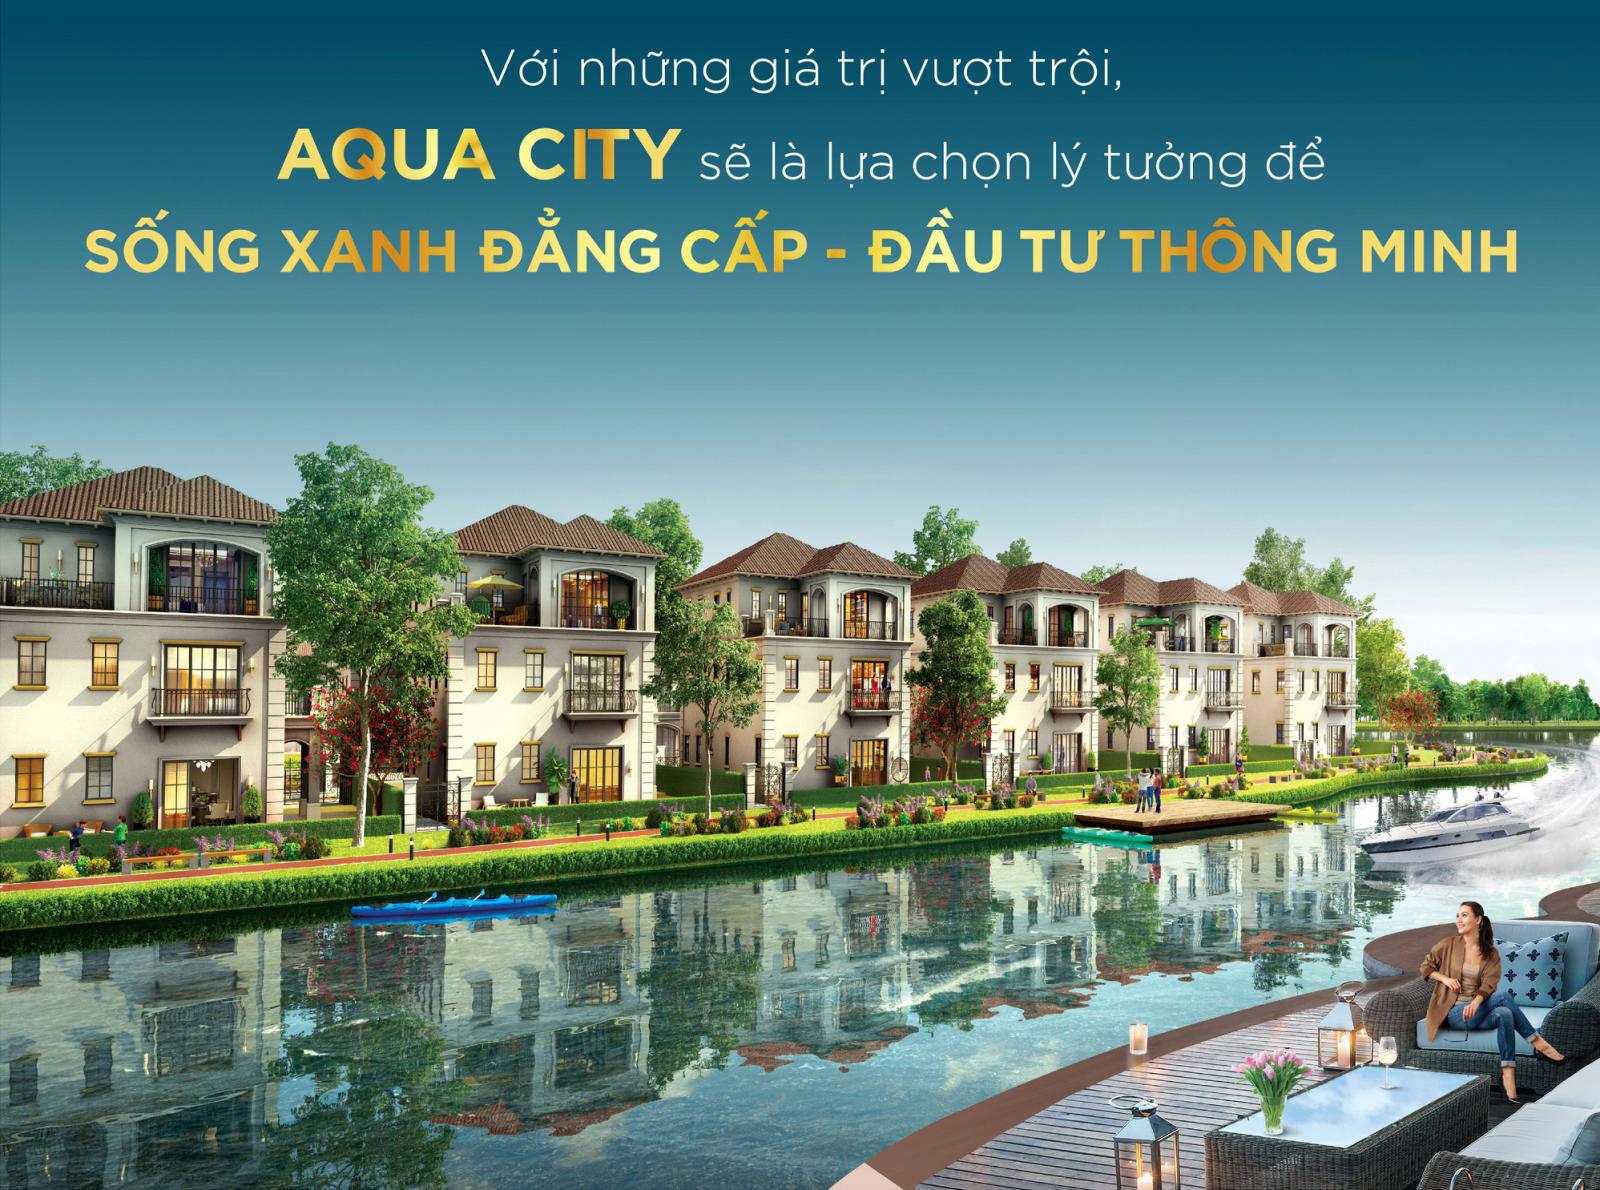 Cơ cấu sản phẩm Aqua City